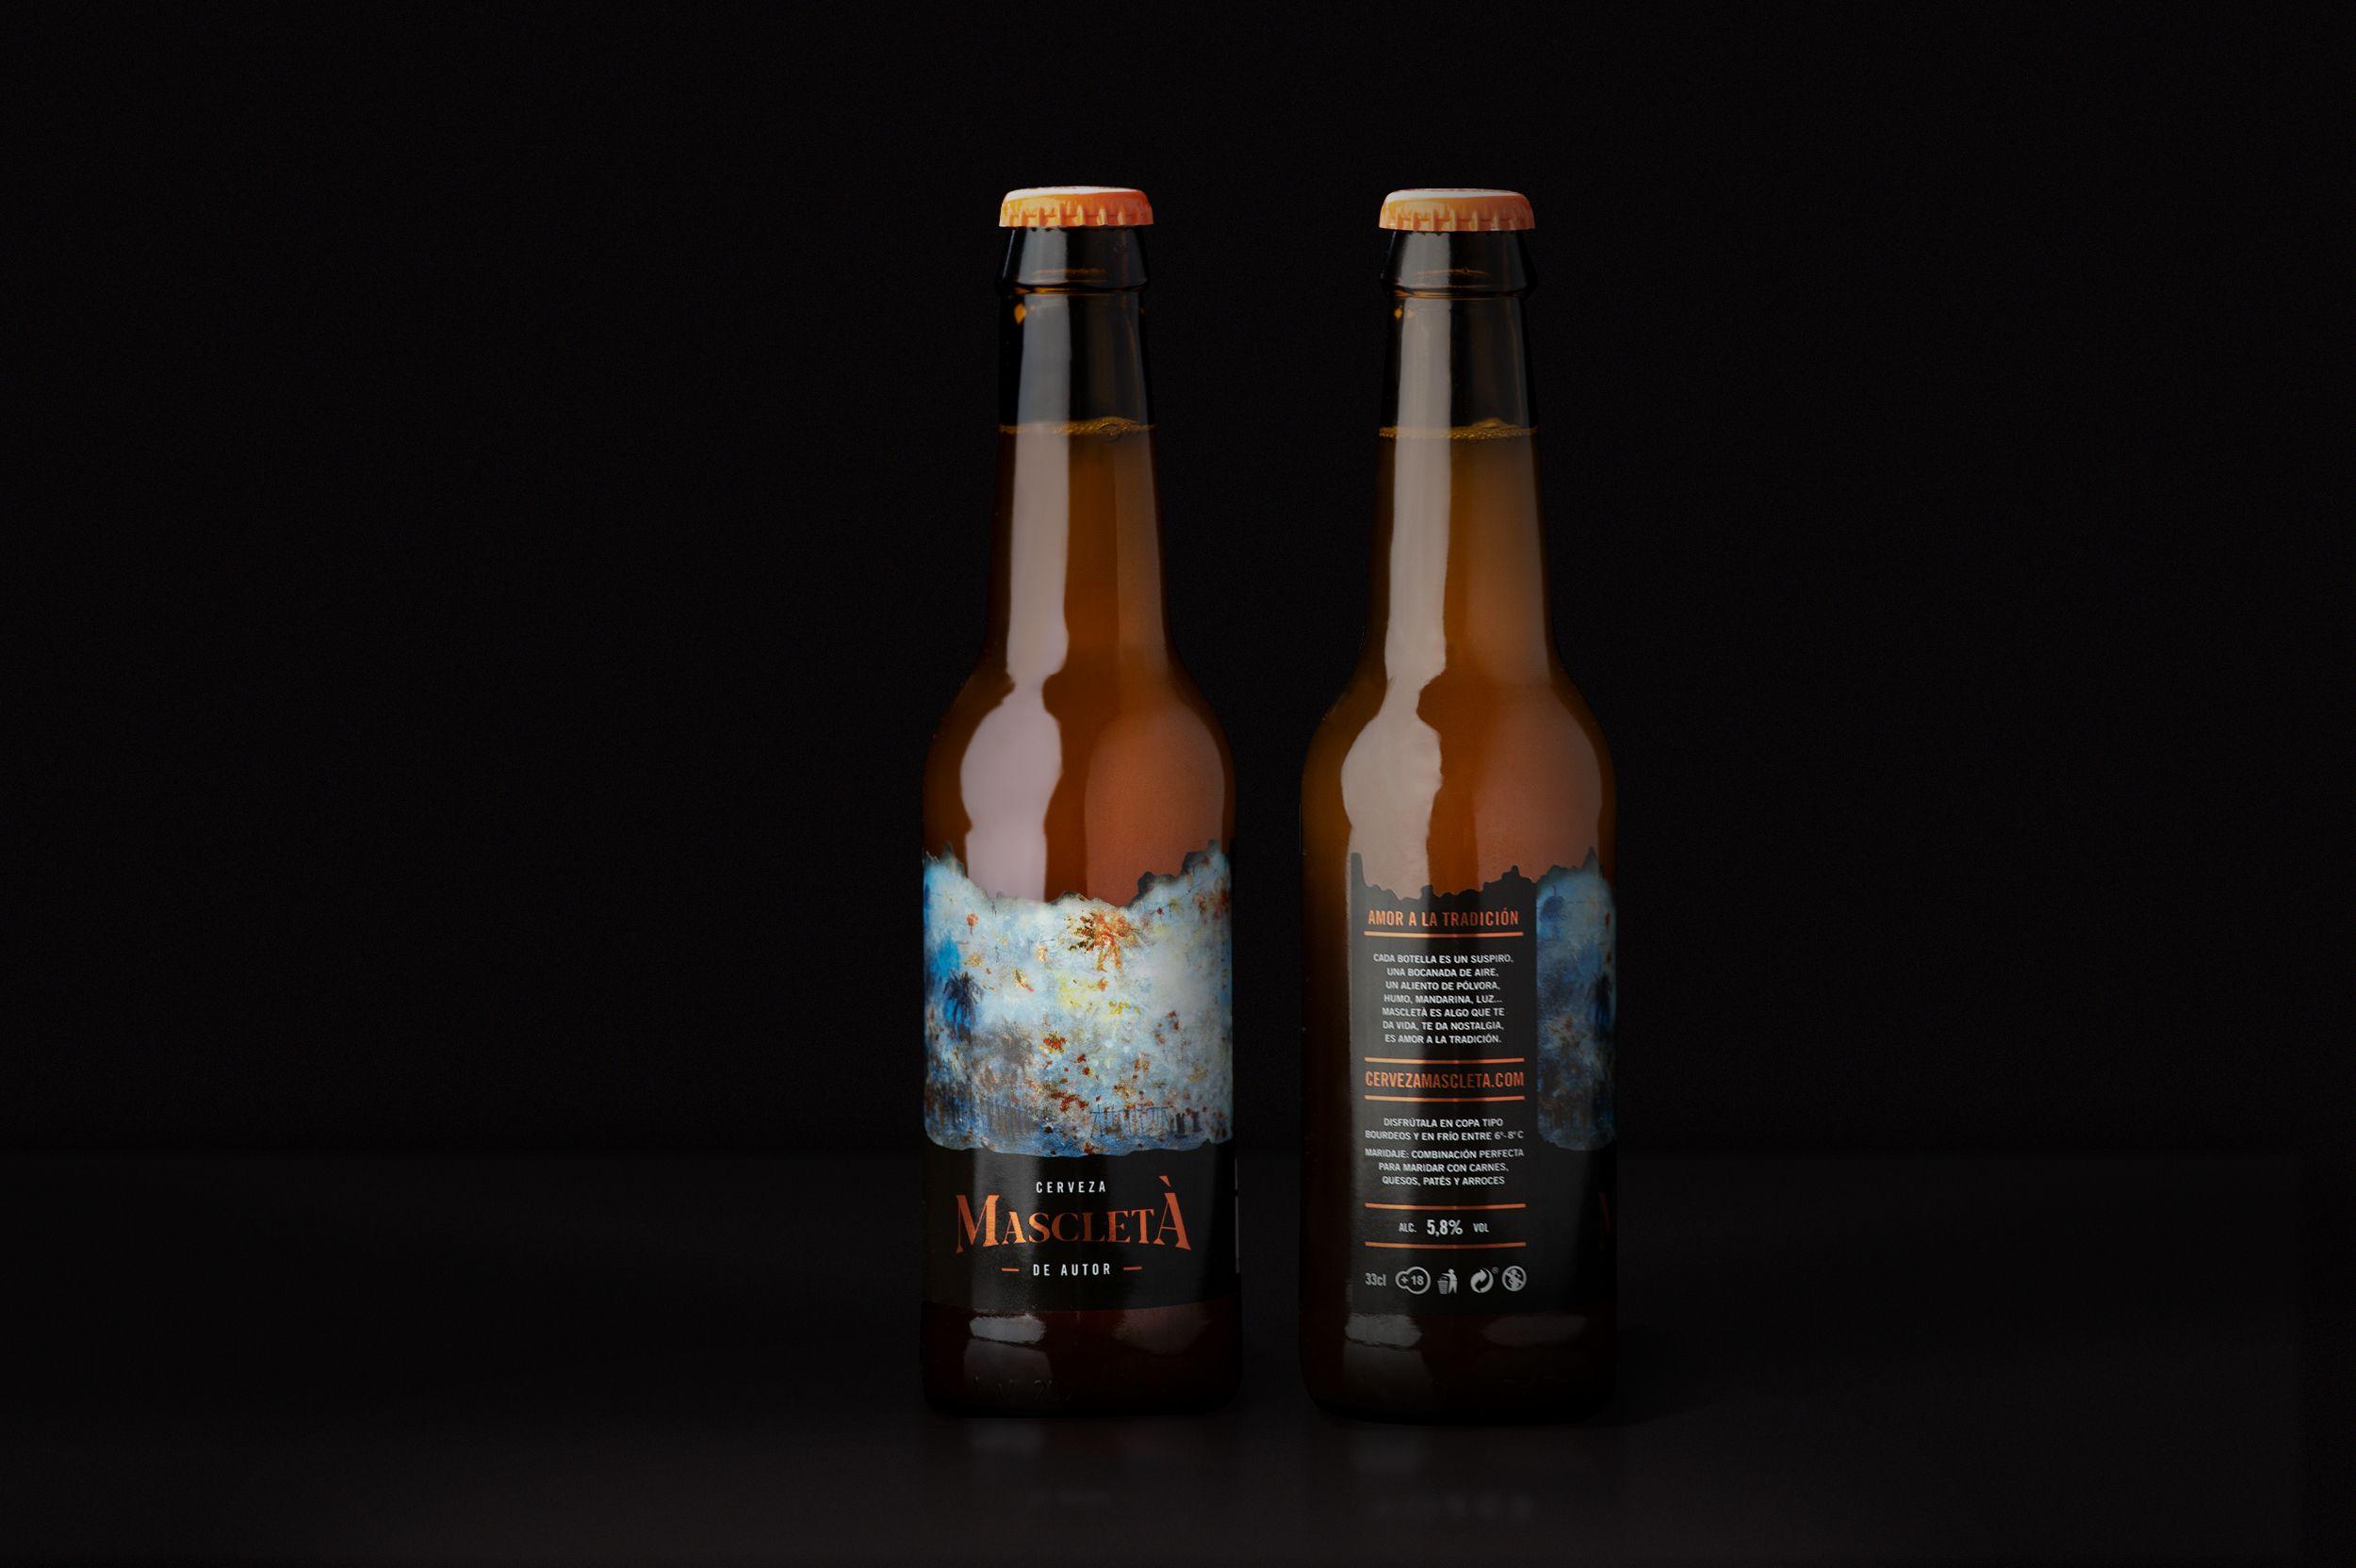 botellas Cerveza Mascletà